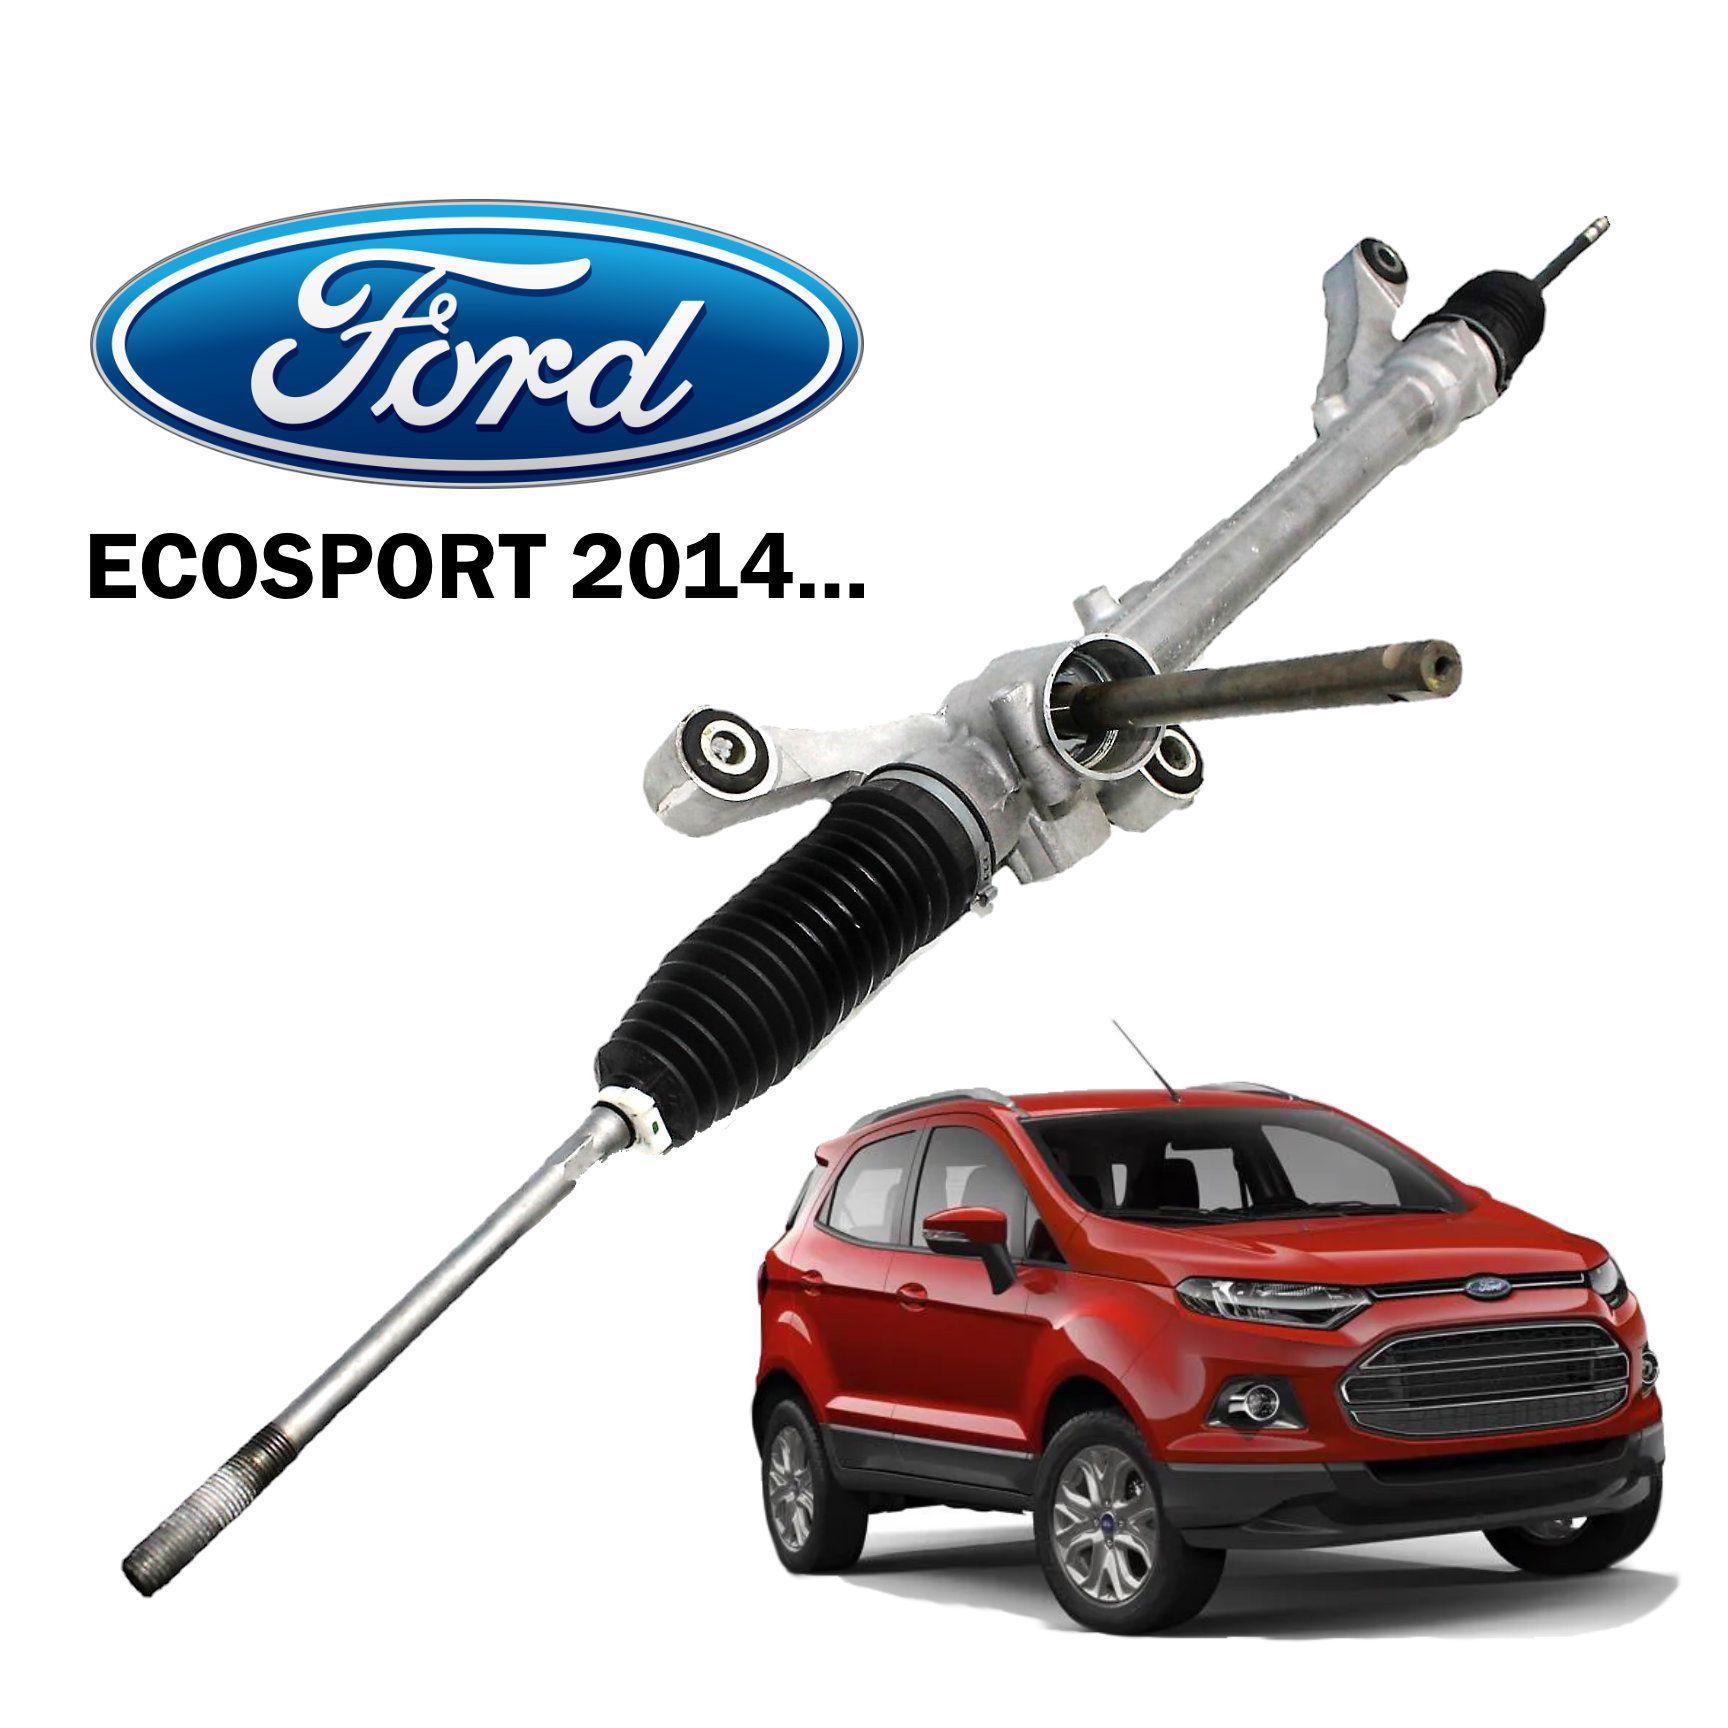 Caixa Direção Mecânica Ecosport 2014… – Recon